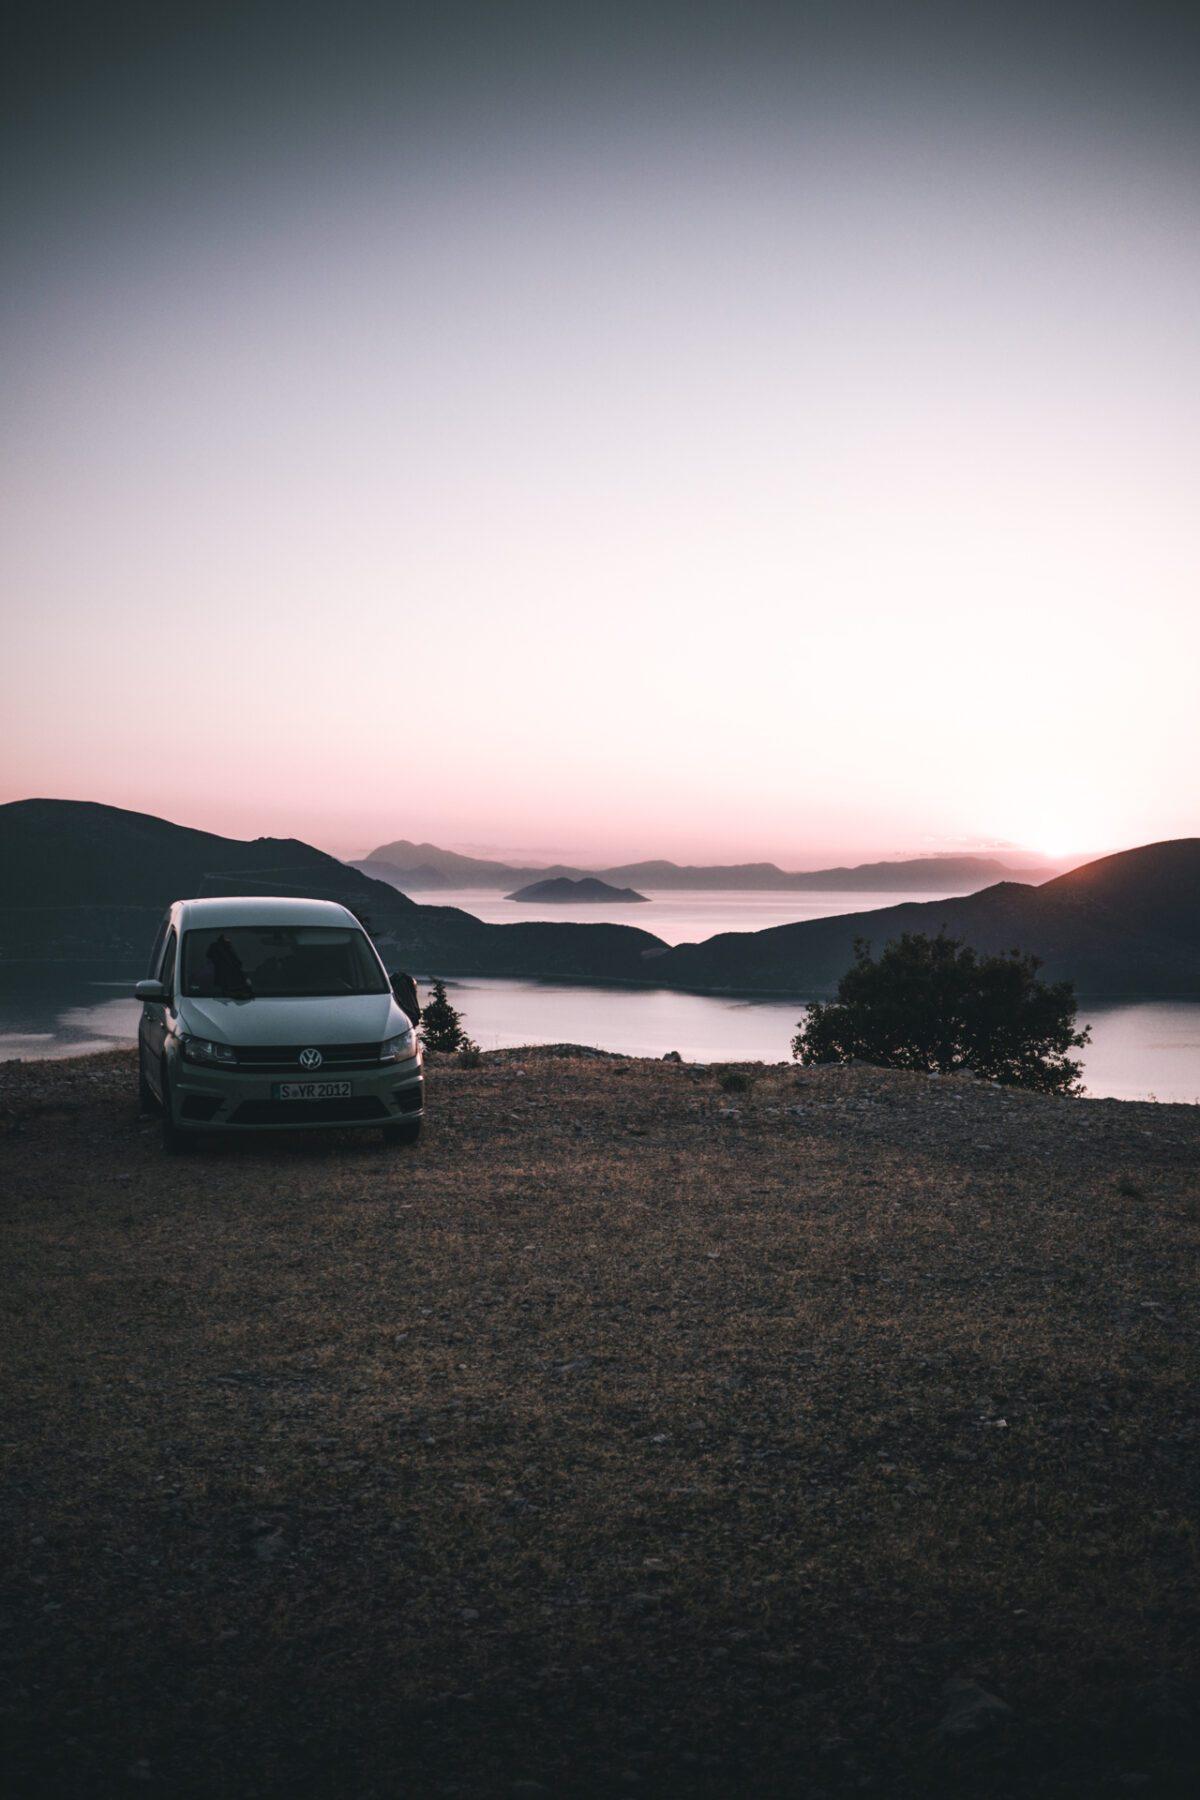 Van and sunrise